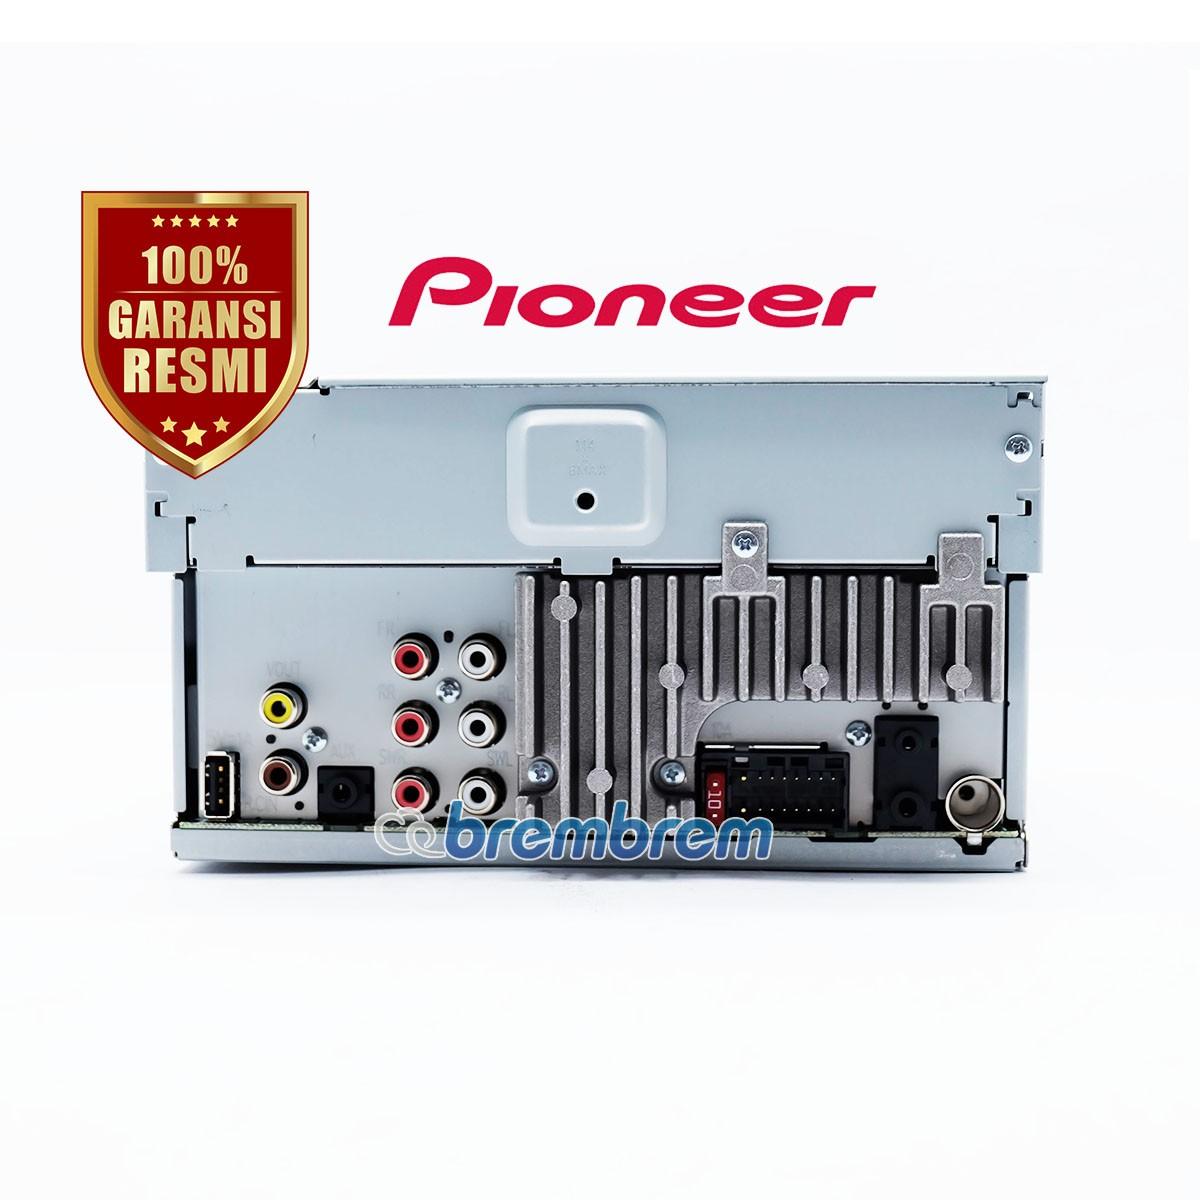 PIONEER AVH A205BT - HEADUNIT DOUBLE DIN